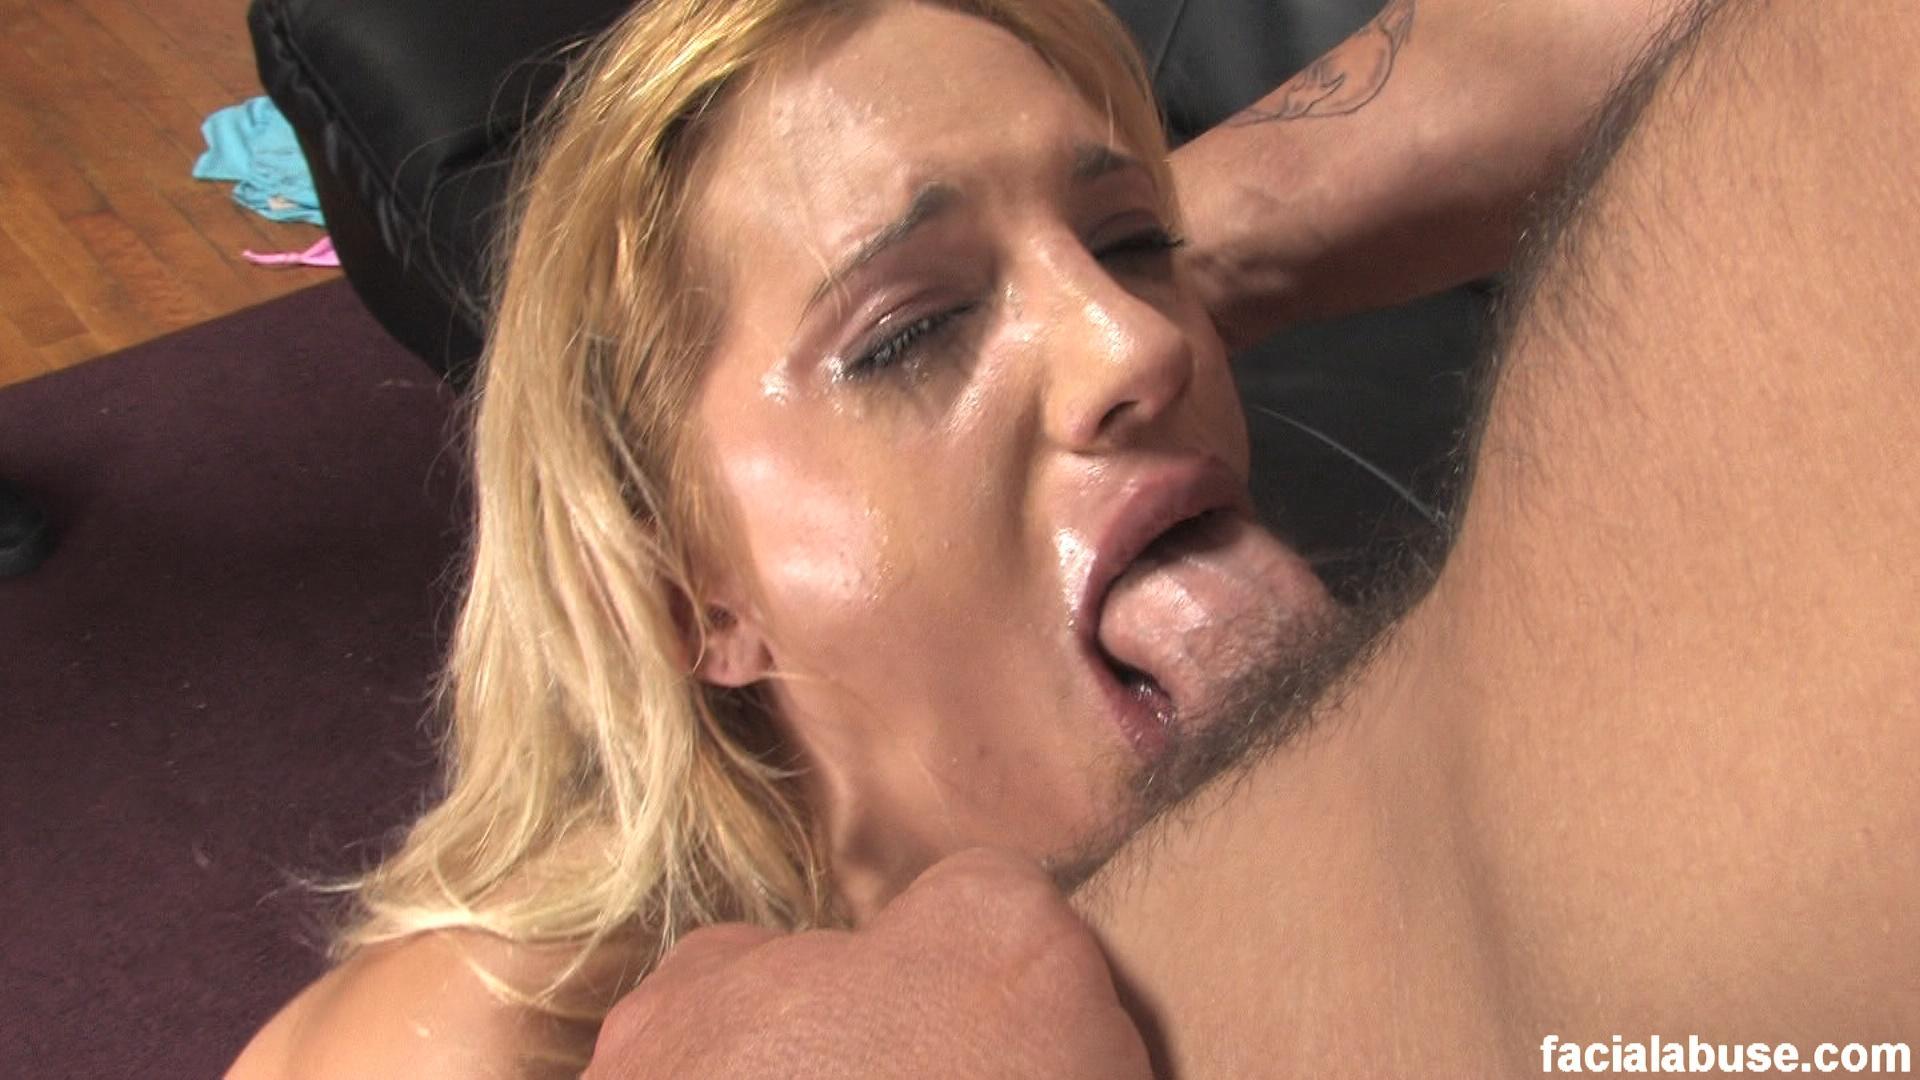 face-fucking-porn